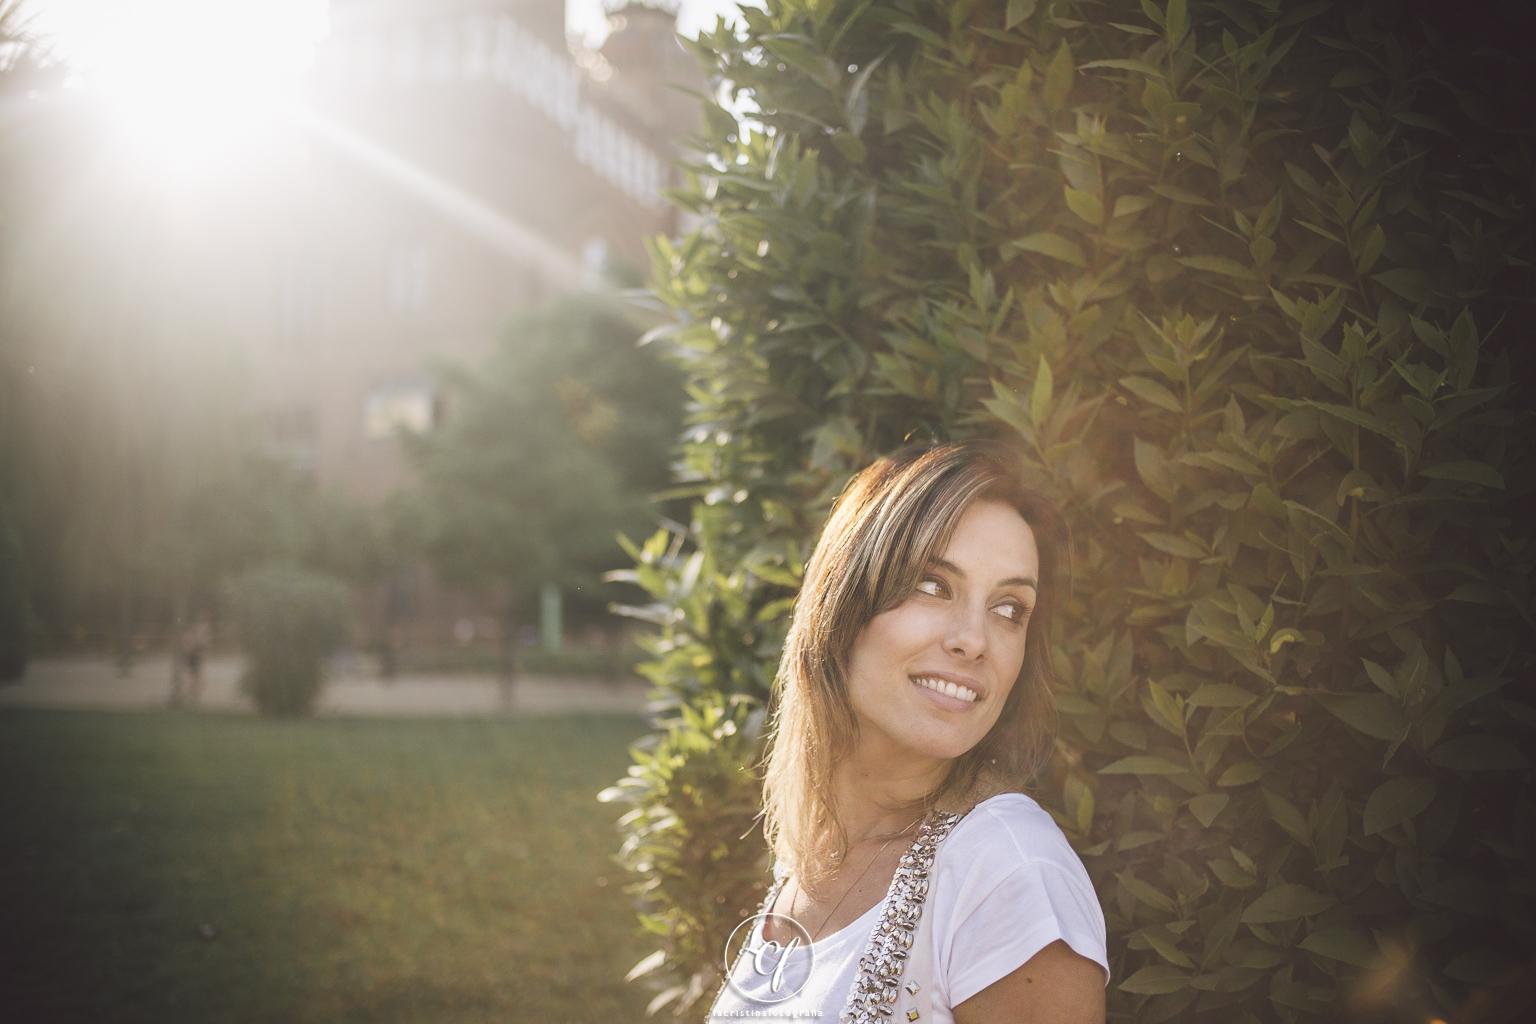 fotografia_pareja_brasil_barcelona_preboda-3